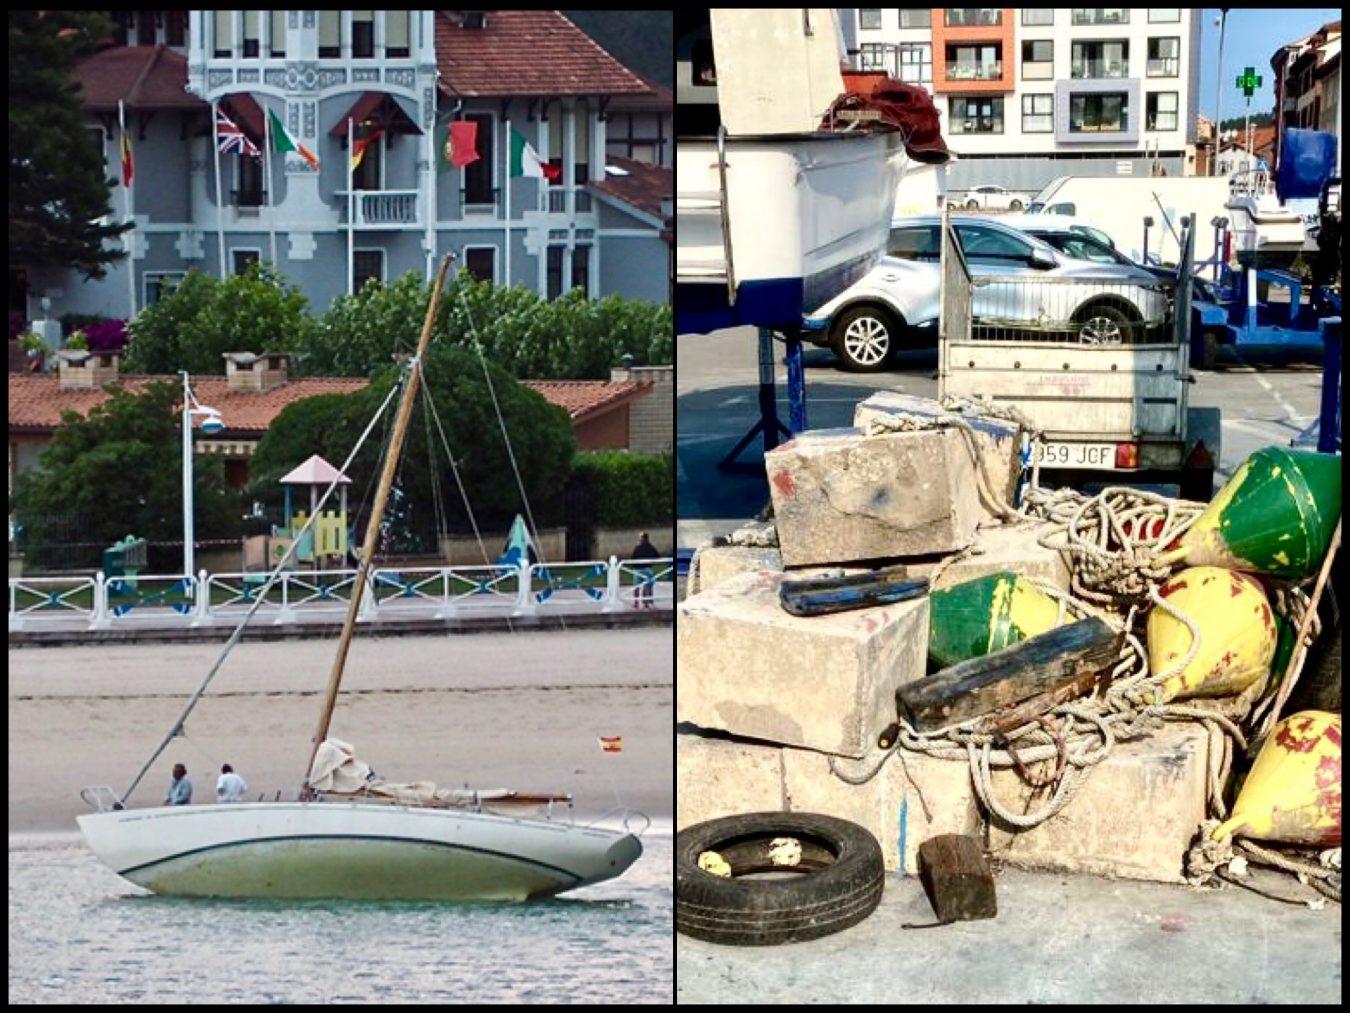 El Club Náutico de Ribadesella reclama la señalización y el dragado del puerto para evitar tanto barco varado